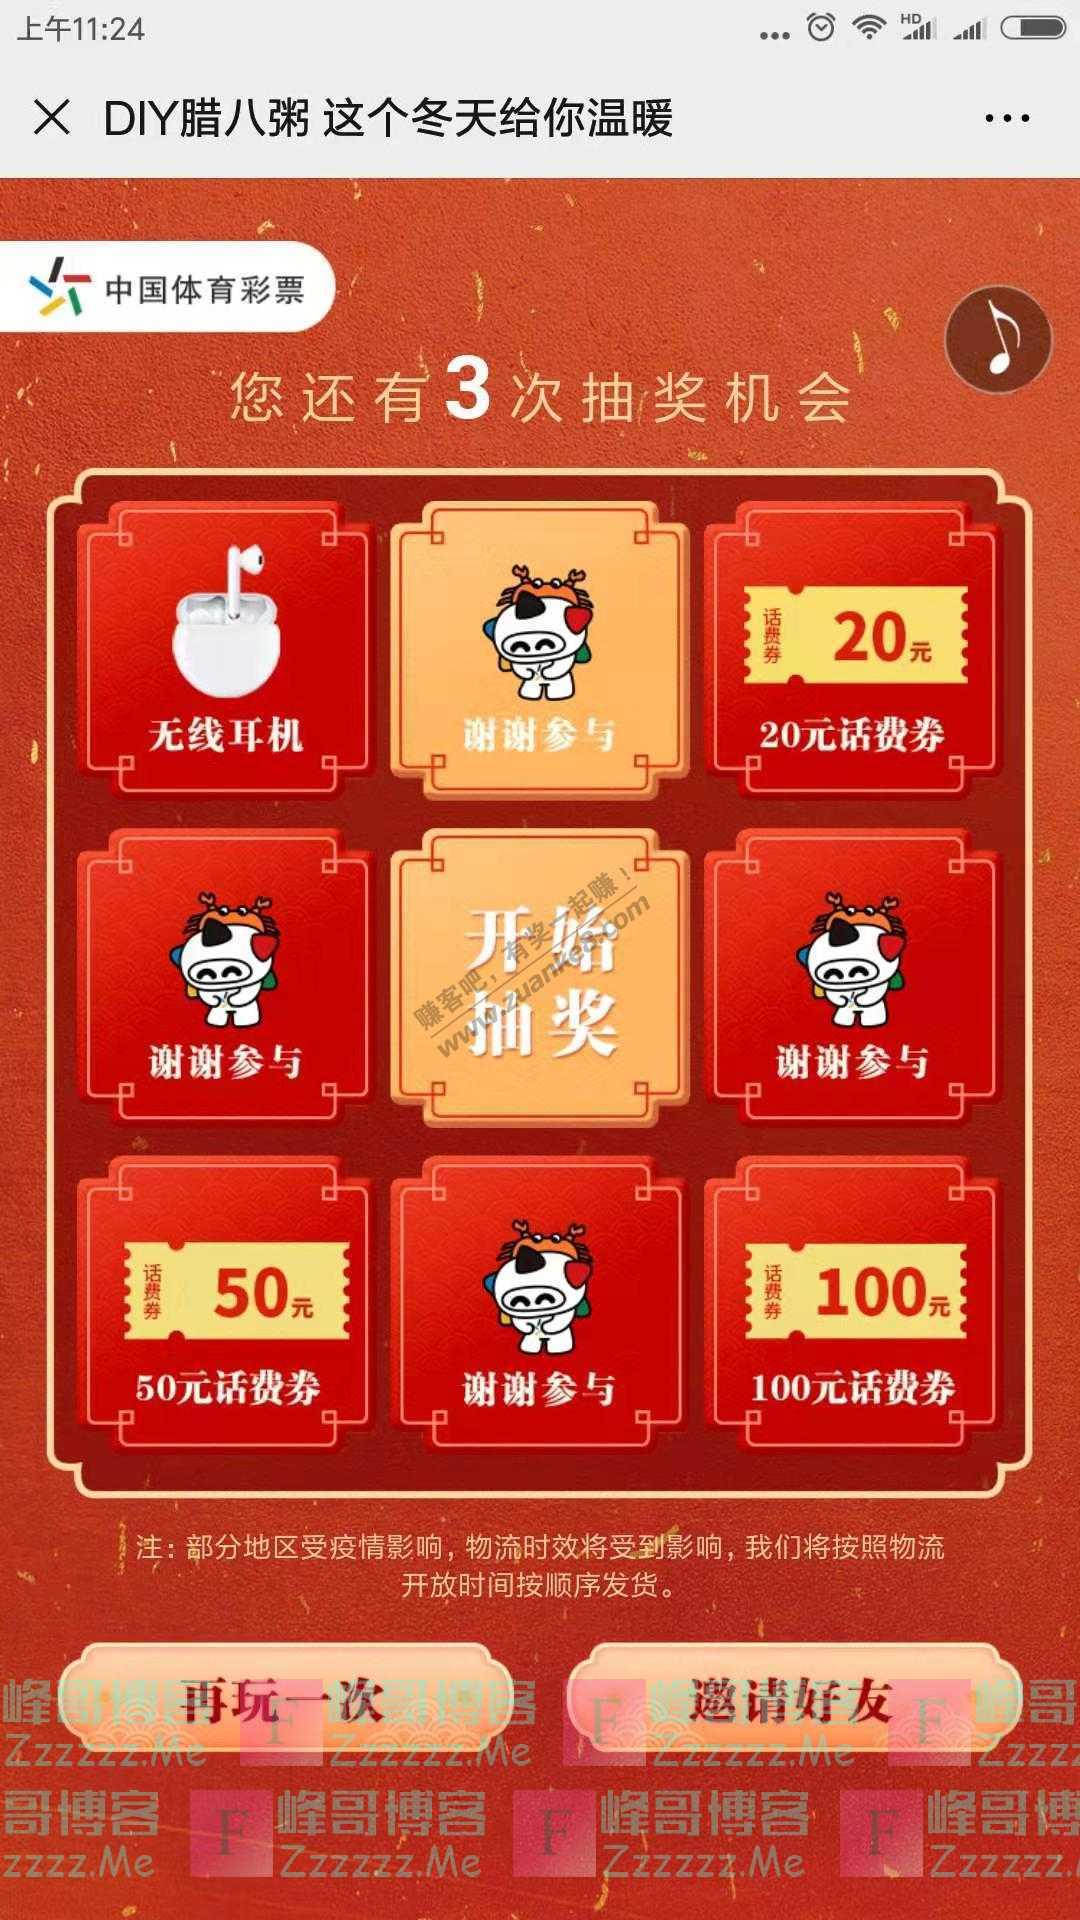 中国体育彩票这里有一份DIY腊八粥指南请查收(截止1月24日)